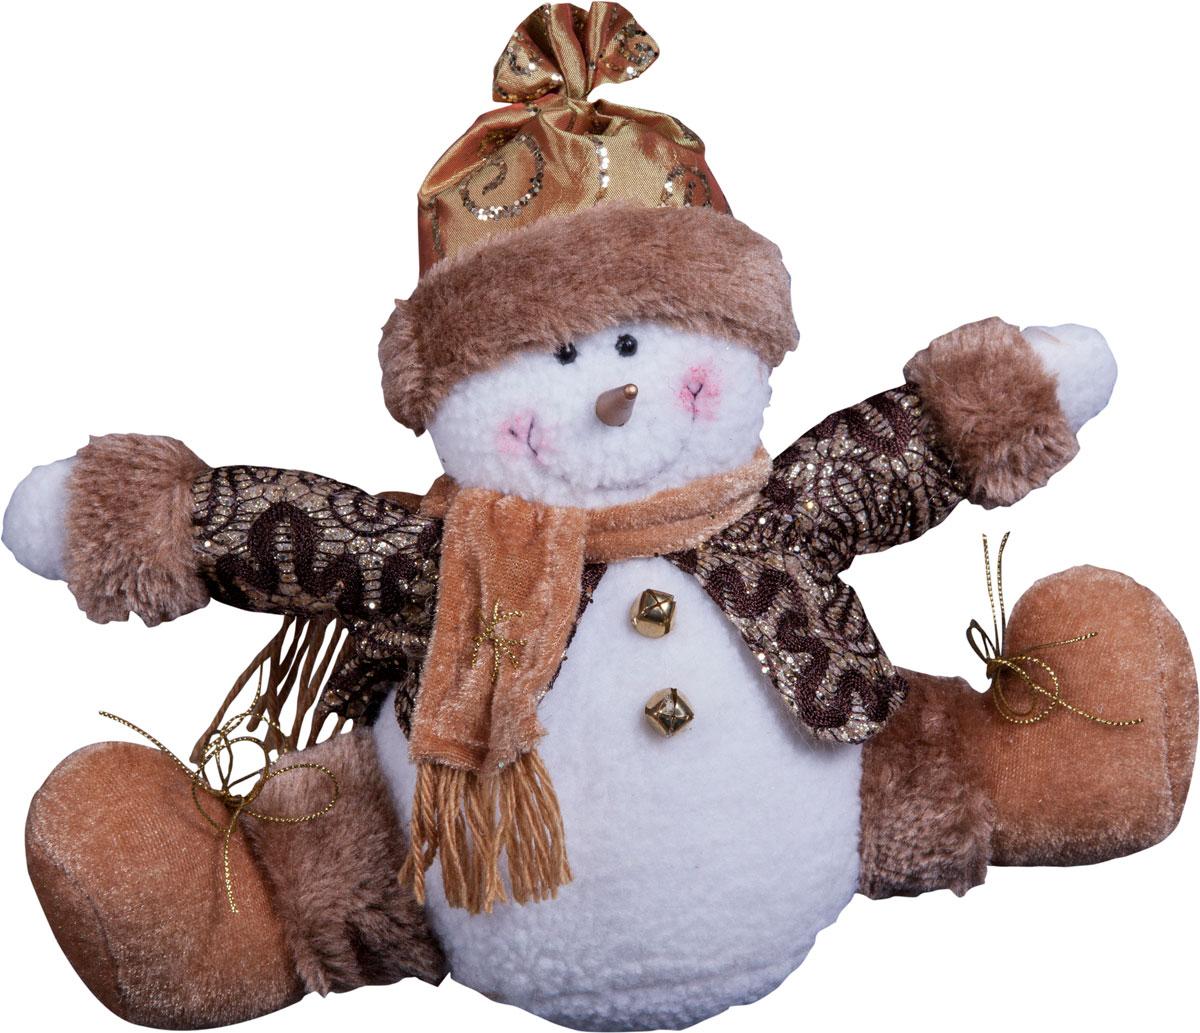 Игрушка новогодняя Mister Christmas Снеговик, высота 15 смDCM-023Игрушка новогодняя Mister Christmas Снеговик - прекрасное украшение для вашего дома. Изготовлена из комбинированных текстильных материалов, она ярко смотрится и приятна на ощупь. Такая игрушка одинаково хорошо смотрится на елке, под елкой возле подарков, на полочке, столе или другом видном месте вашего дома или офиса. Это прекрасный подарок коллегам, друзьям, близким, а также детям. Сувенир изготовлен из экологически чистых материалов. А нарядная подарочная упаковка позволит вам не беспокоиться о дополнительном оформлении подарка.